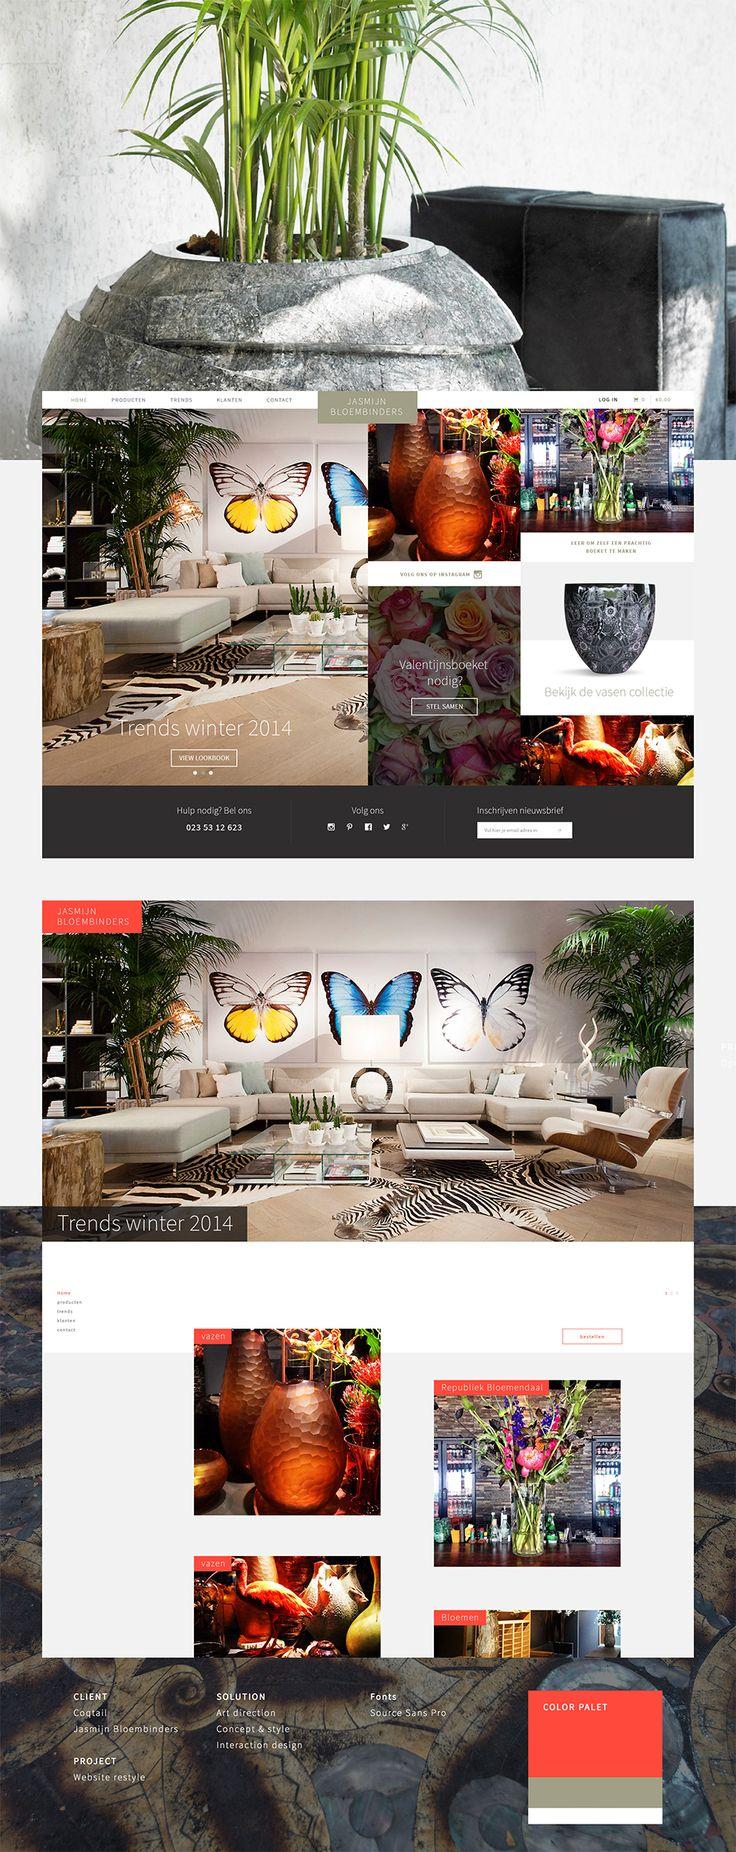 Showcase Jasmijn Bloembinders • Made by Merqwaardig.com